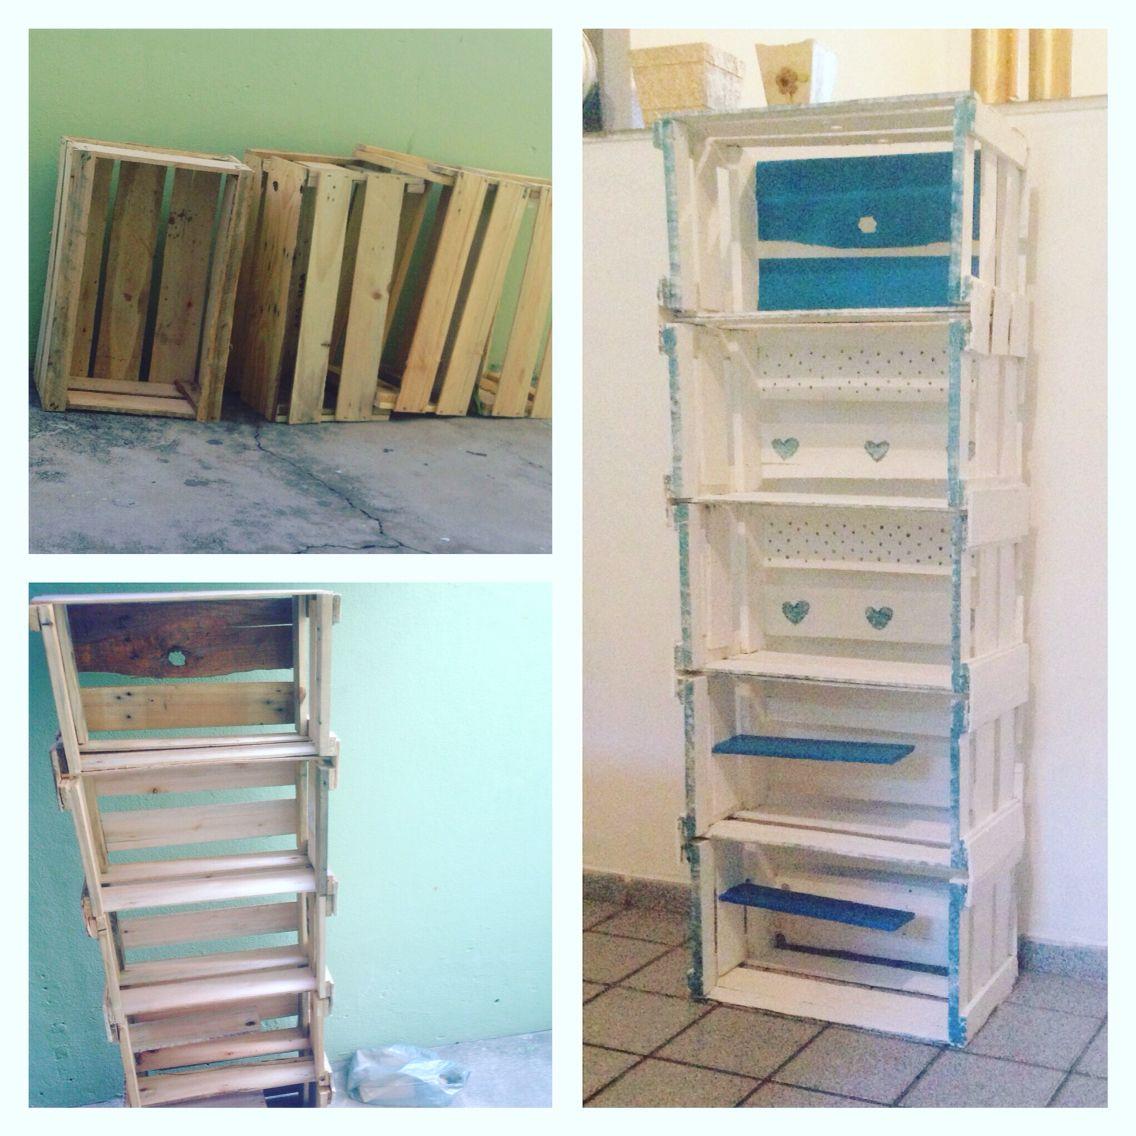 Queria Muito Ter Uma Estante Para Organizar Minhas Coisas Livros